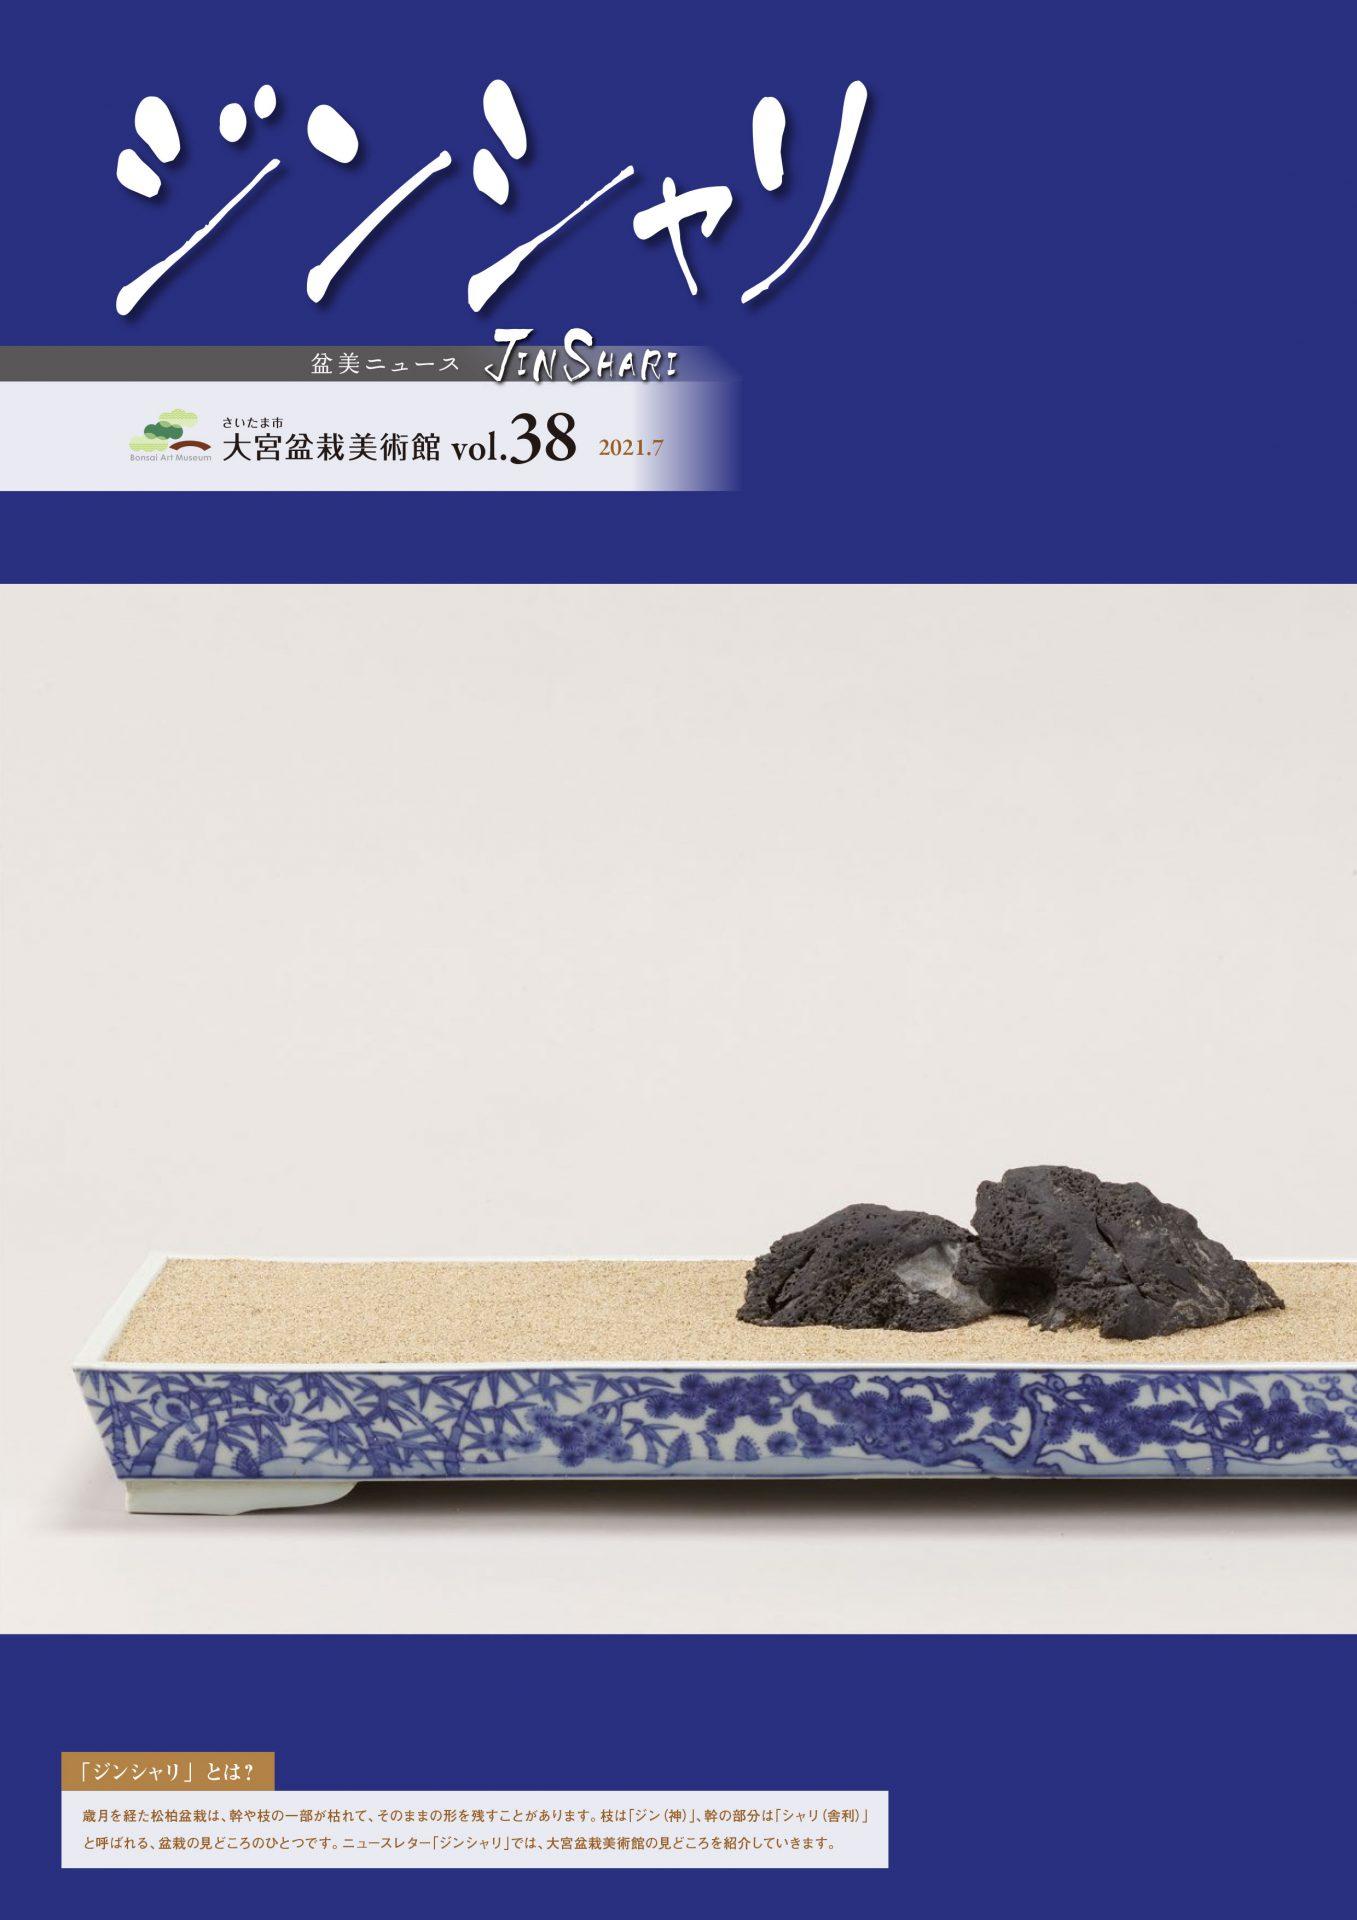 ジンシャリ Vol.38